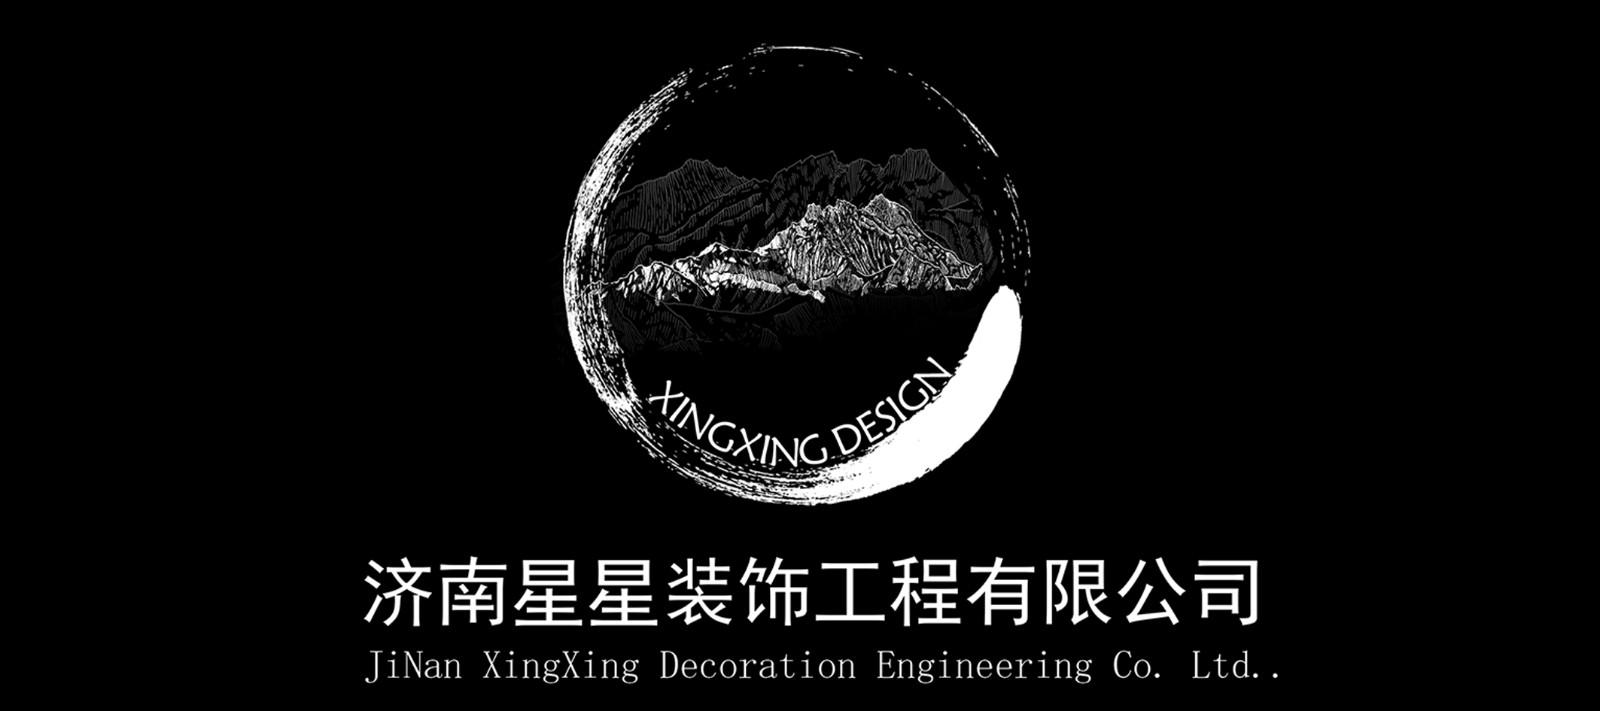 济南星星装饰工程有限公司